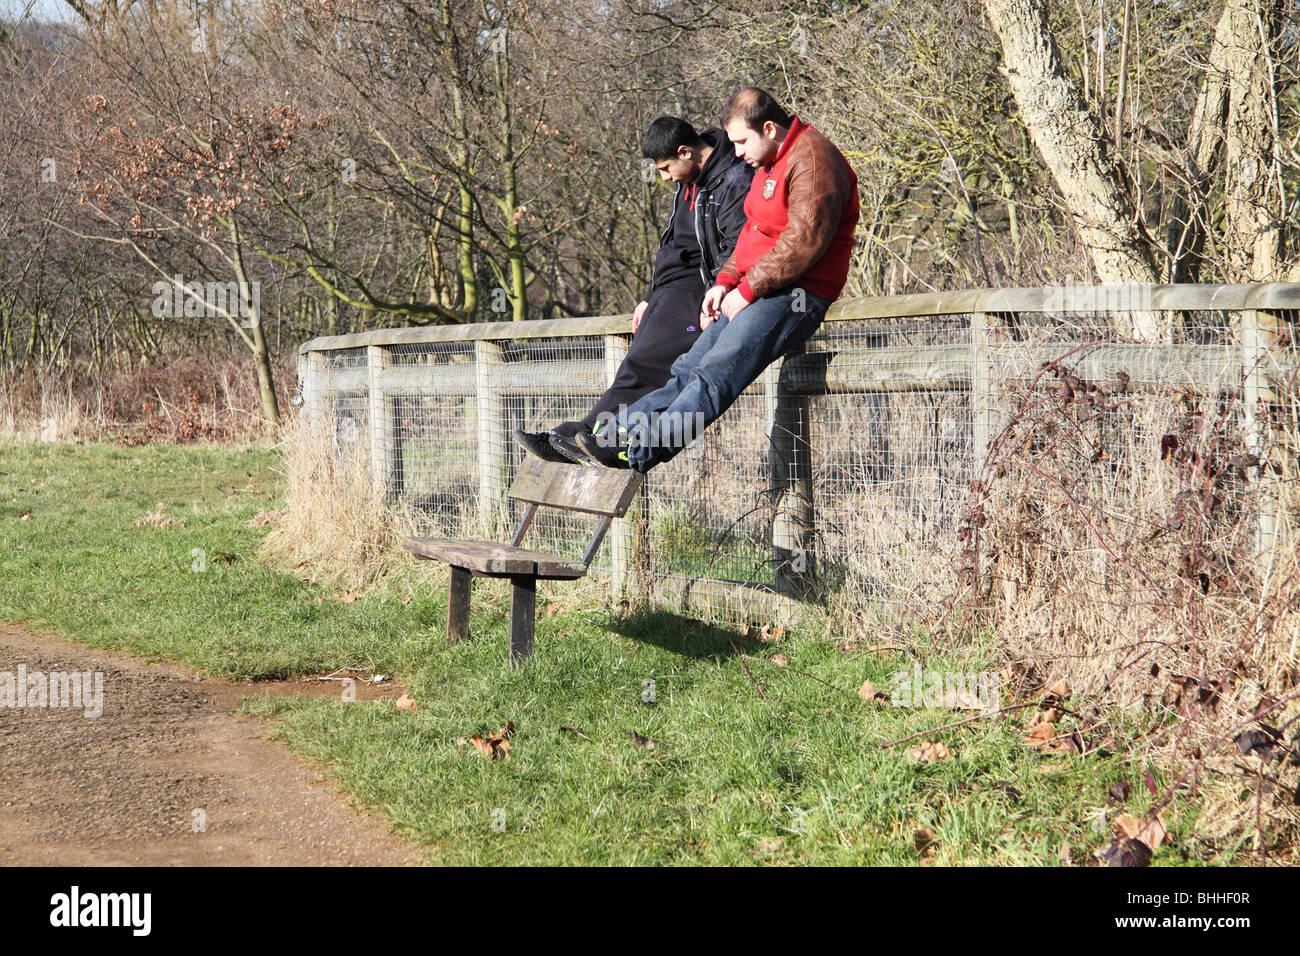 Hastío: el aburrimiento. Dos hombres jóvenes con el tiempo colgando pesada en sus manos. Imagen De Stock